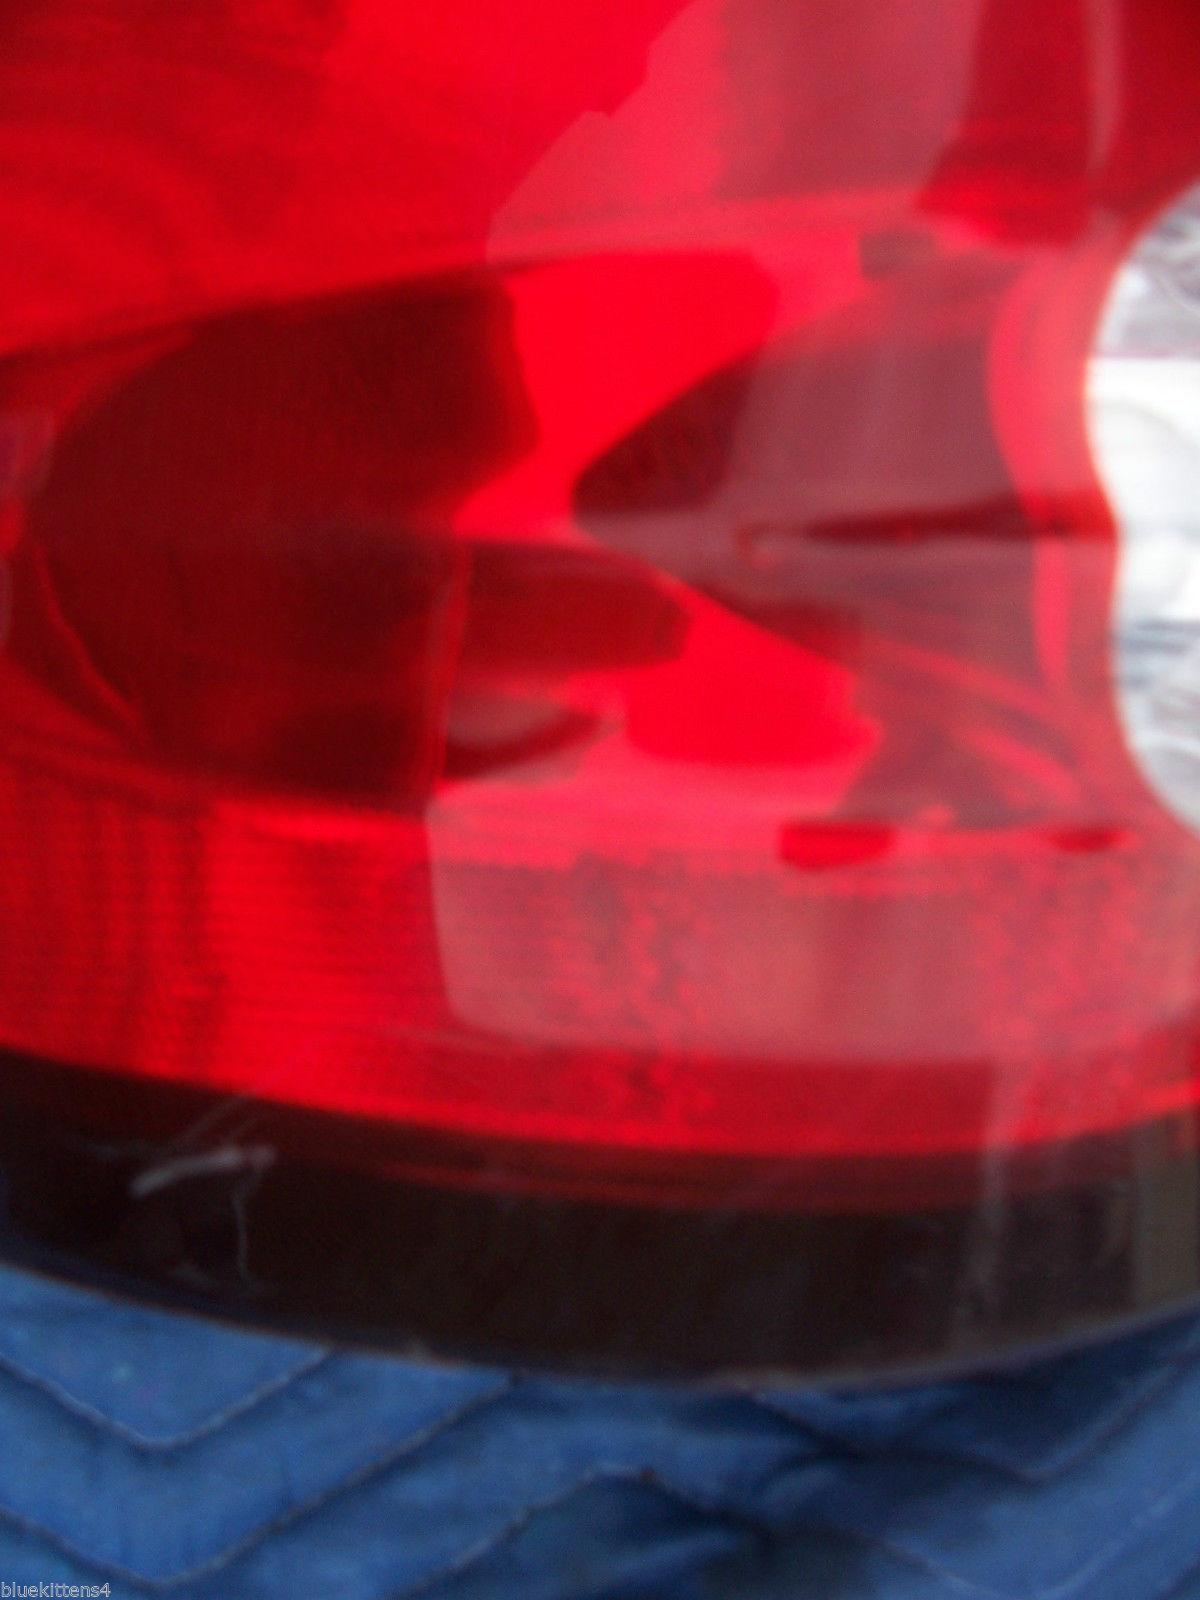 2001 AZTEC LEFT TAILLIGHT OEM USED ORIGINAL PONTIAC GM PART 2002 2003 2004 2005 image 4